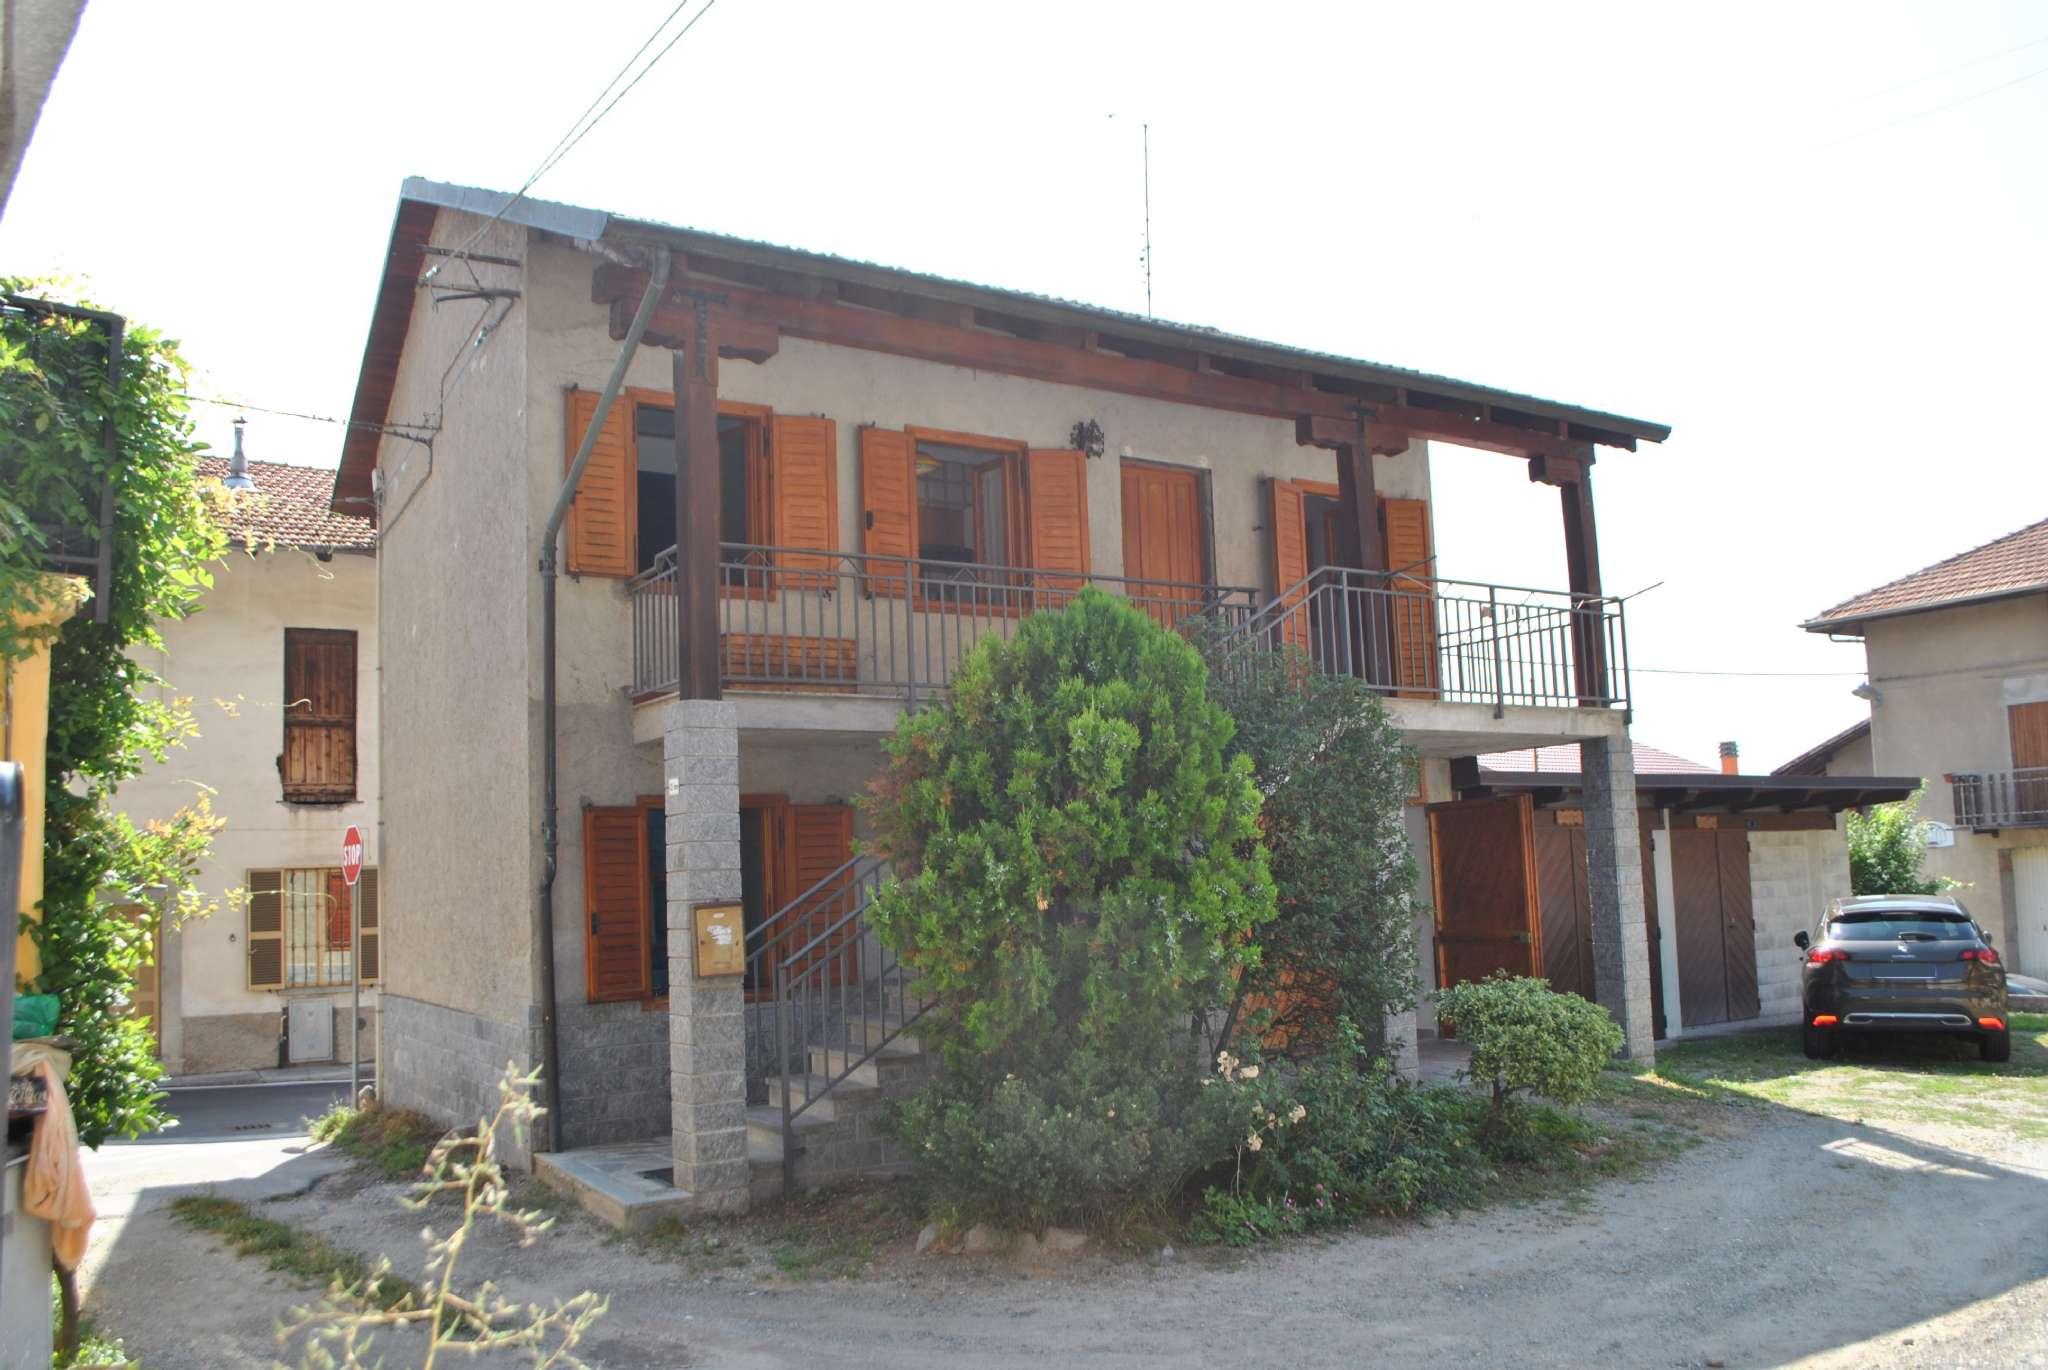 Soluzione Indipendente in vendita a Borgone Susa, 4 locali, prezzo € 78.000 | PortaleAgenzieImmobiliari.it